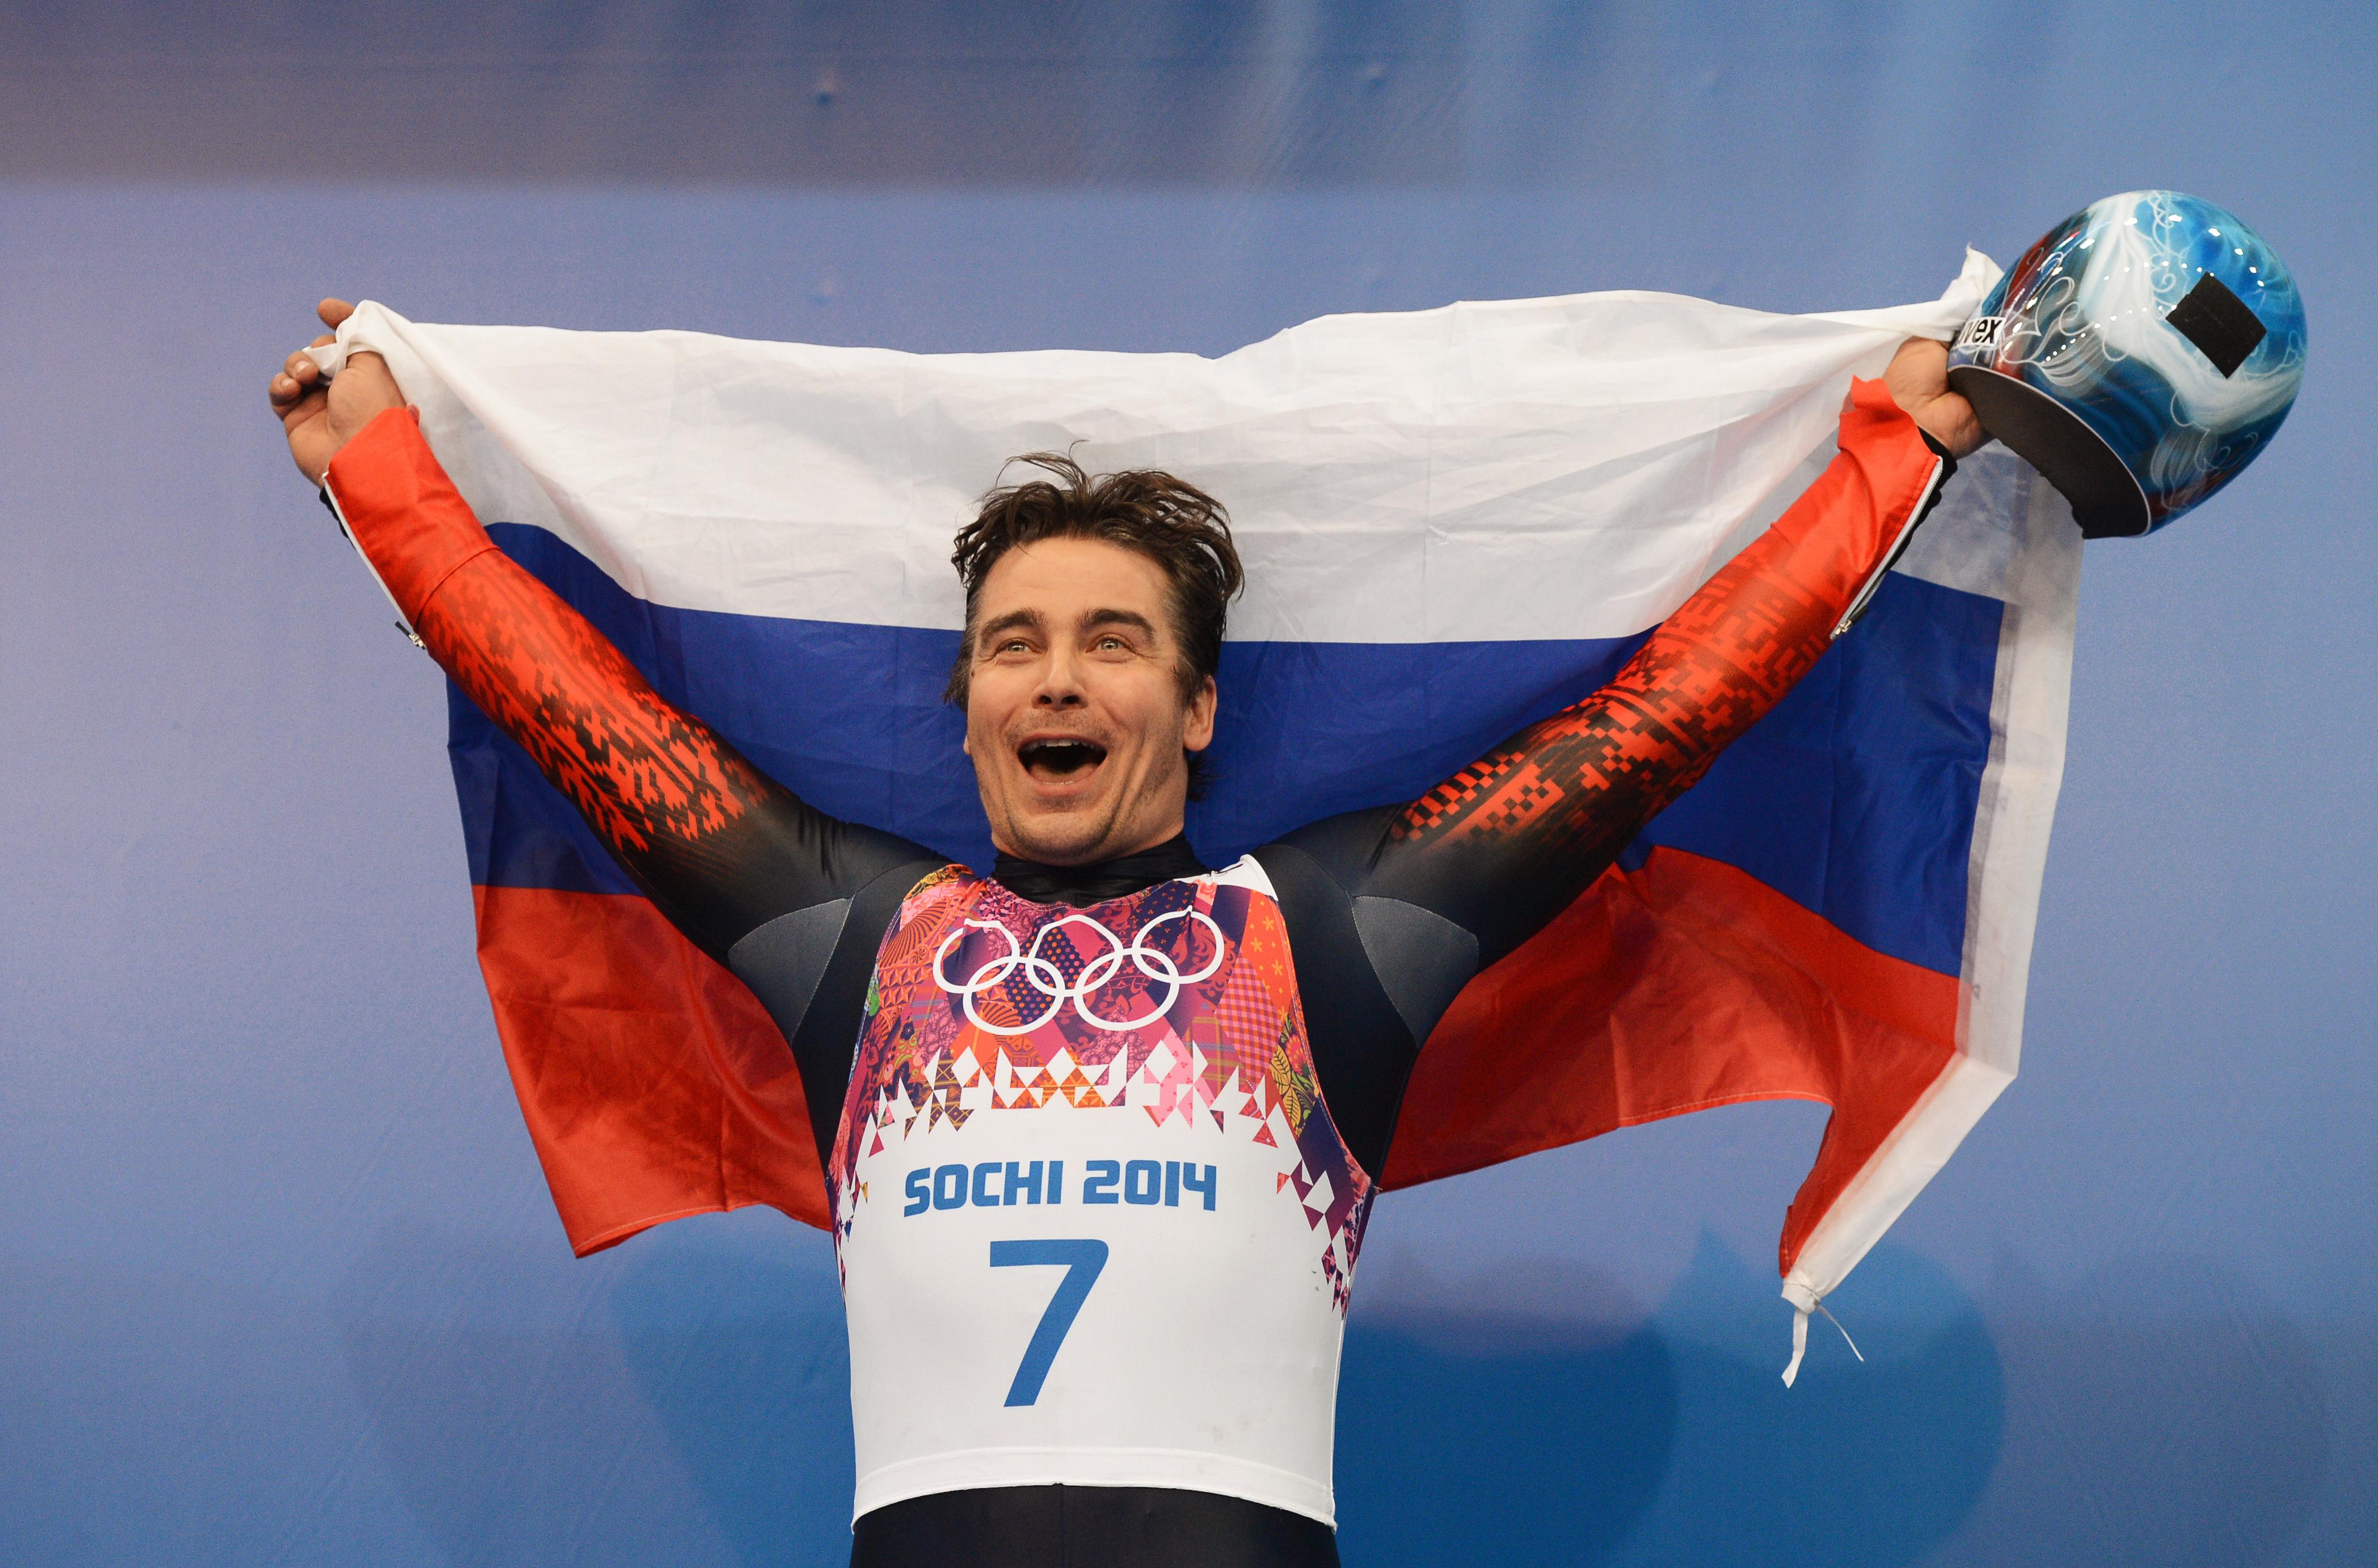 Имя русского спортсмена спортсмен чистку стенок